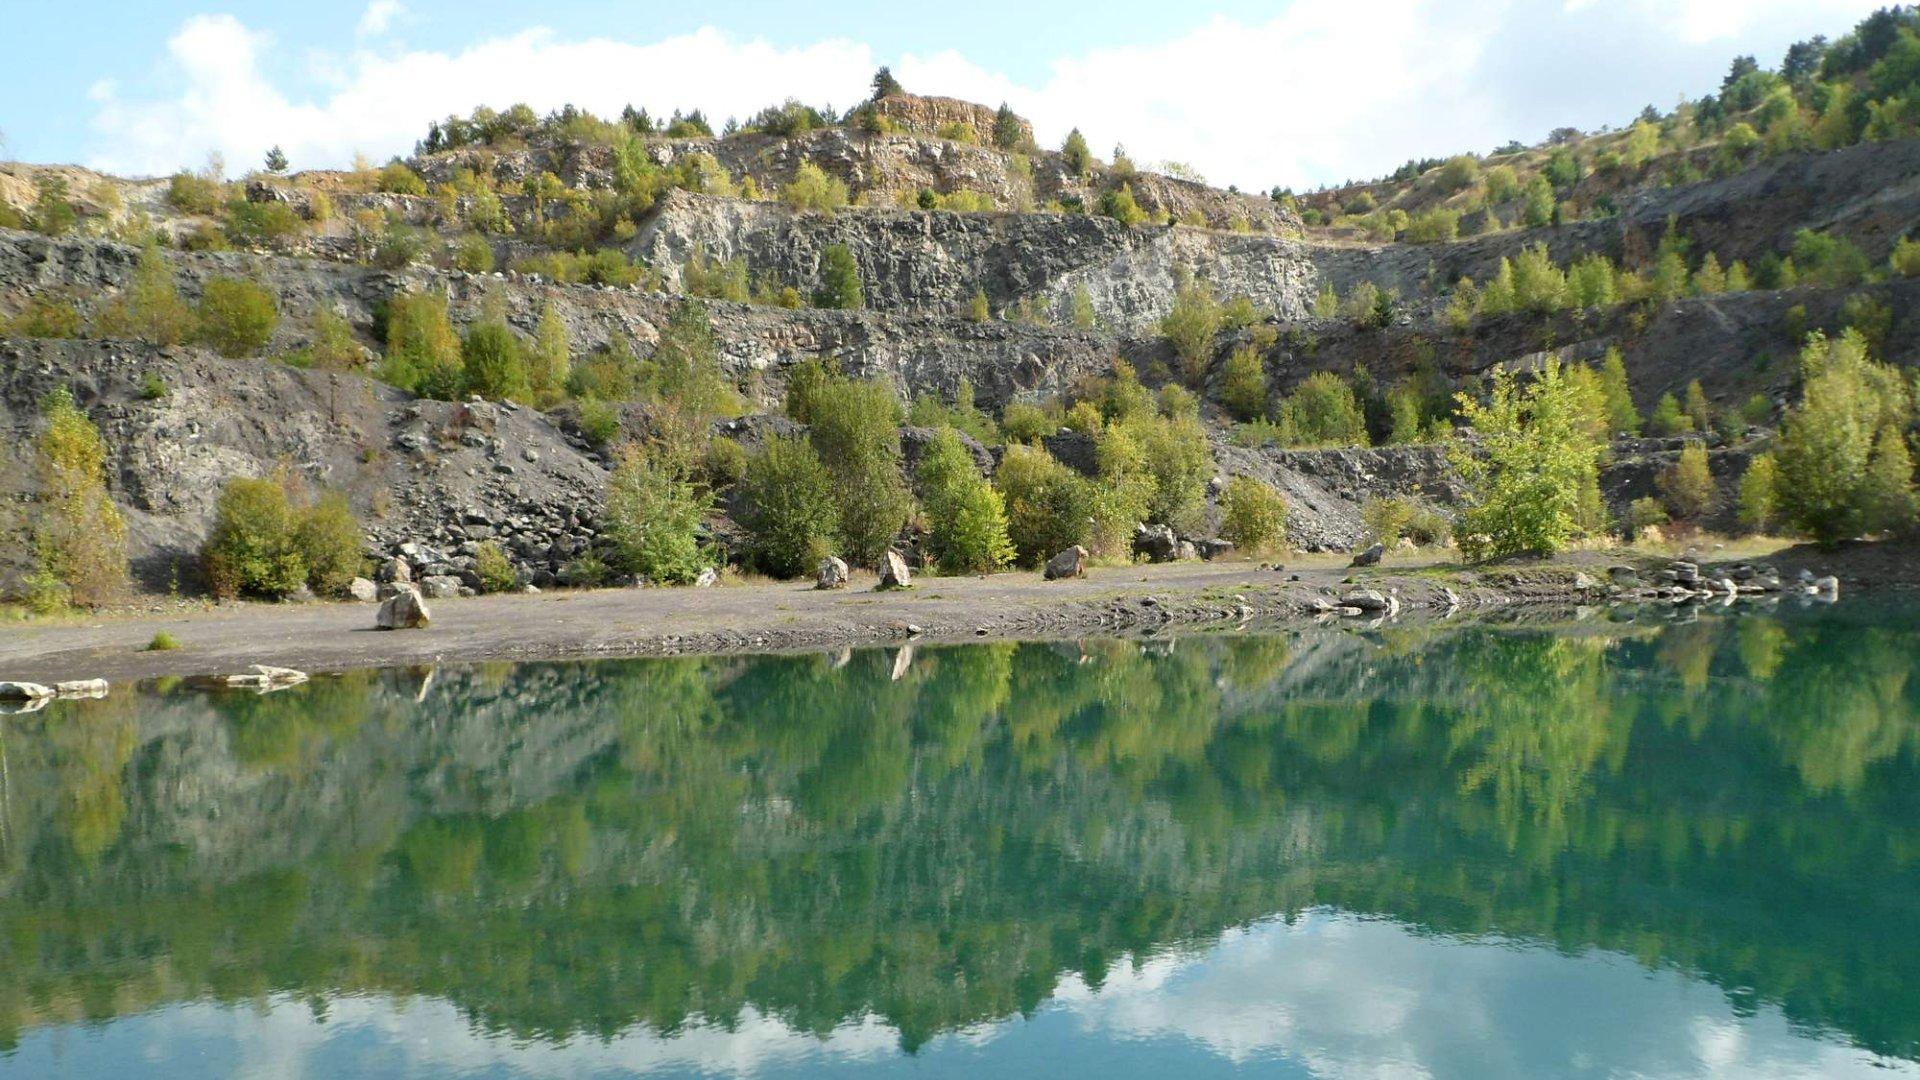 Lom Kosov u Berouna – Koupání, zkameněliny a co raci?